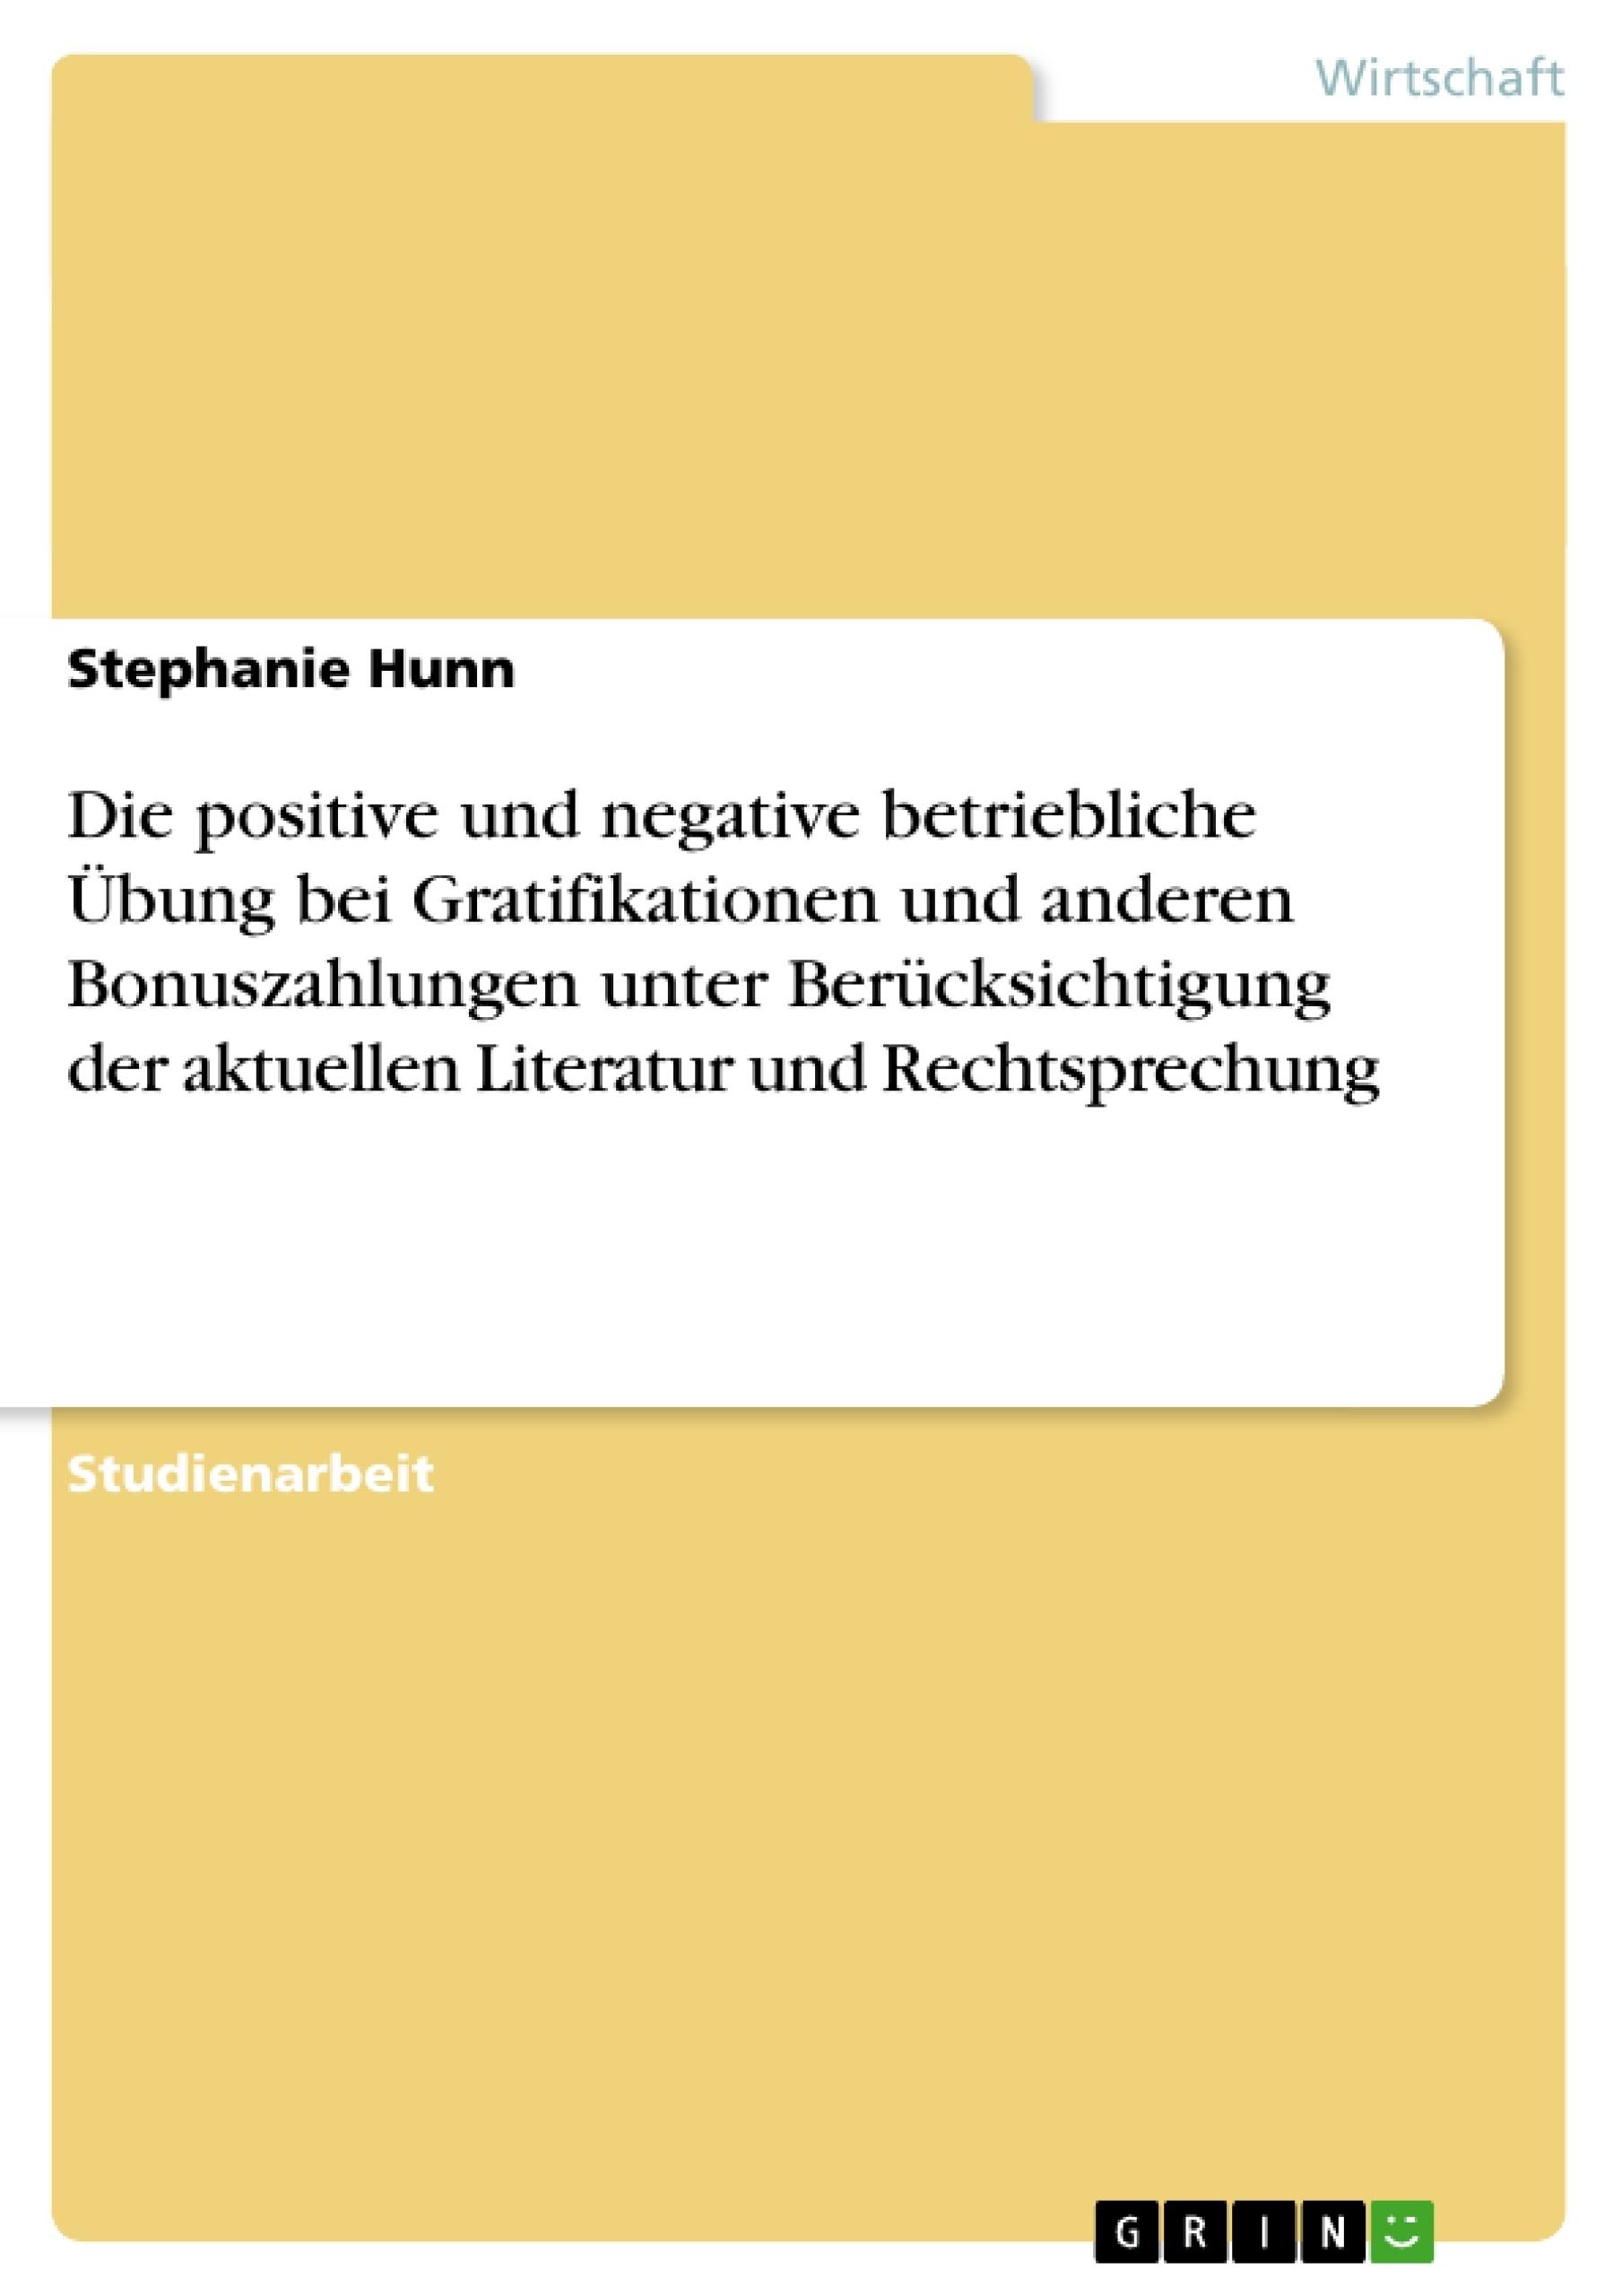 Titel: Die positive und negative betriebliche Übung bei Gratifikationen und anderen Bonuszahlungen unter Berücksichtigung der aktuellen Literatur und Rechtsprechung